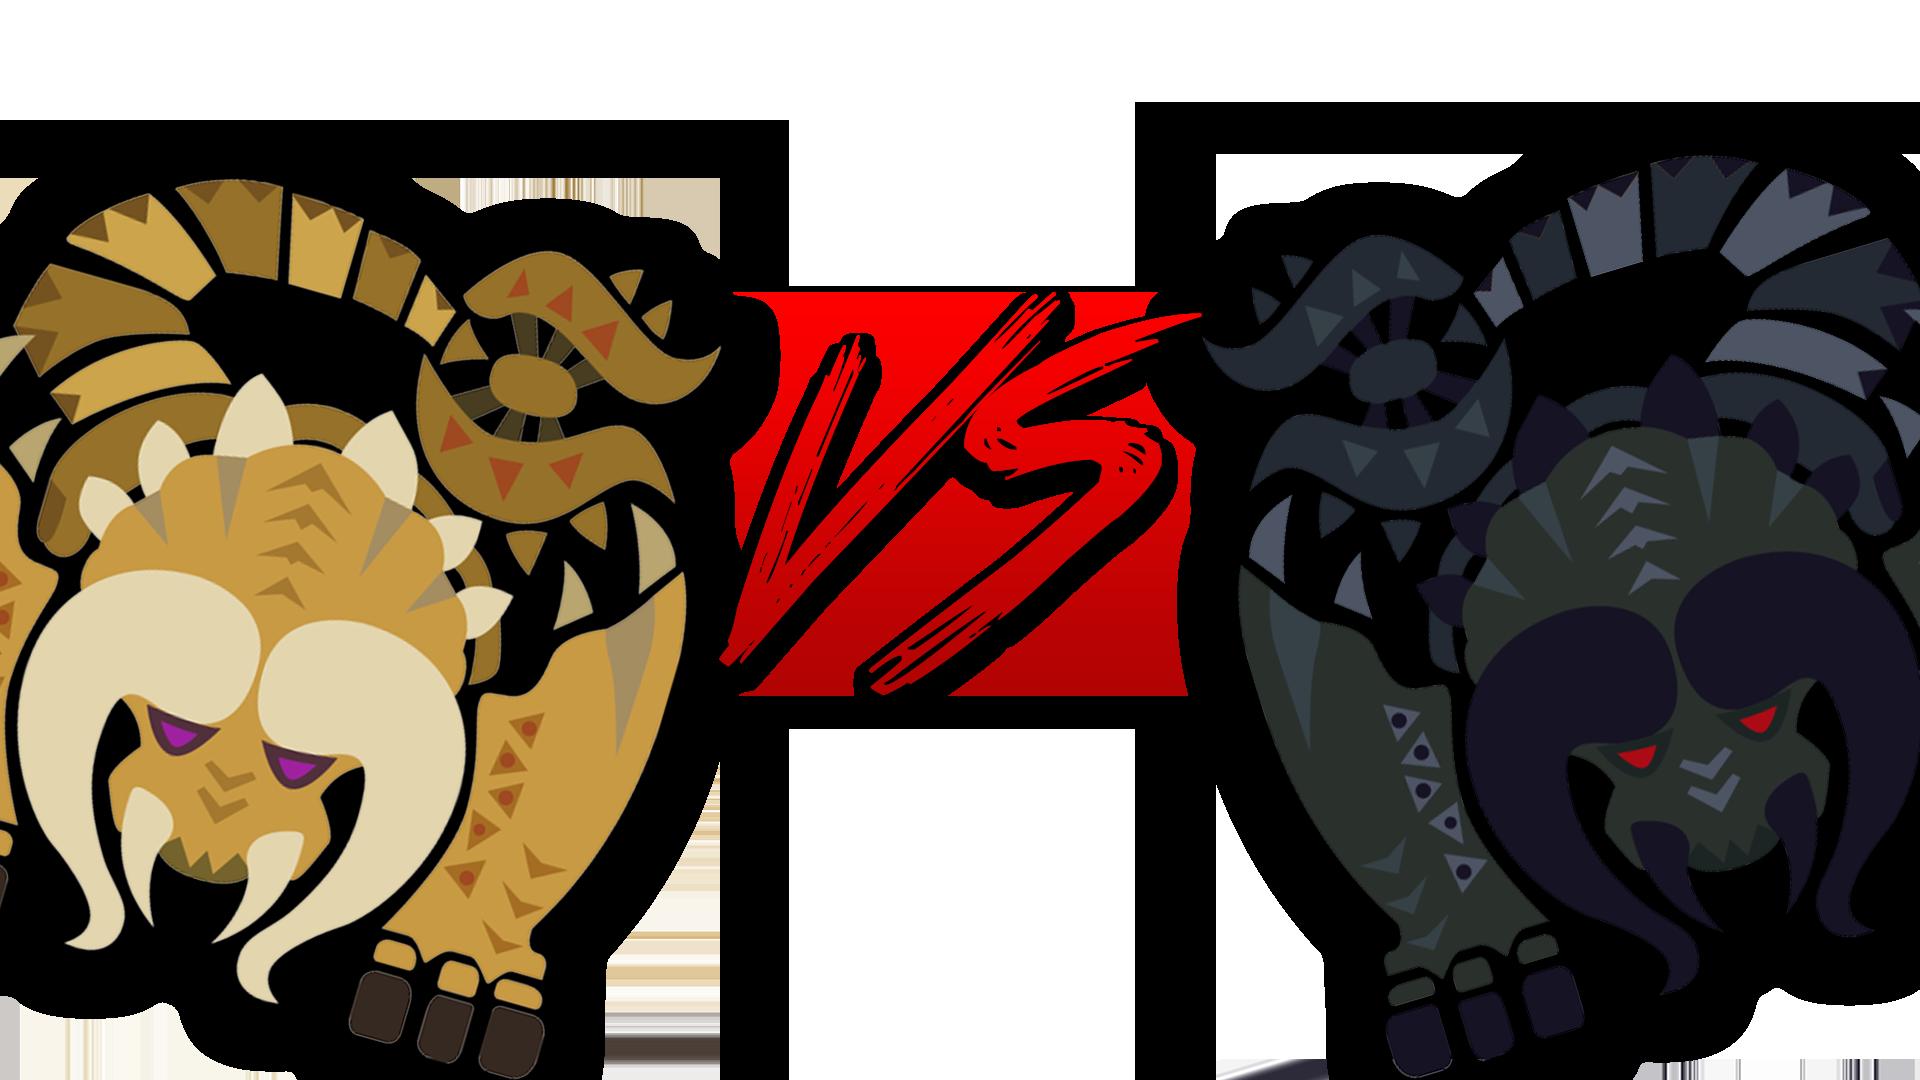 quai-vat-monster-hunter-pc